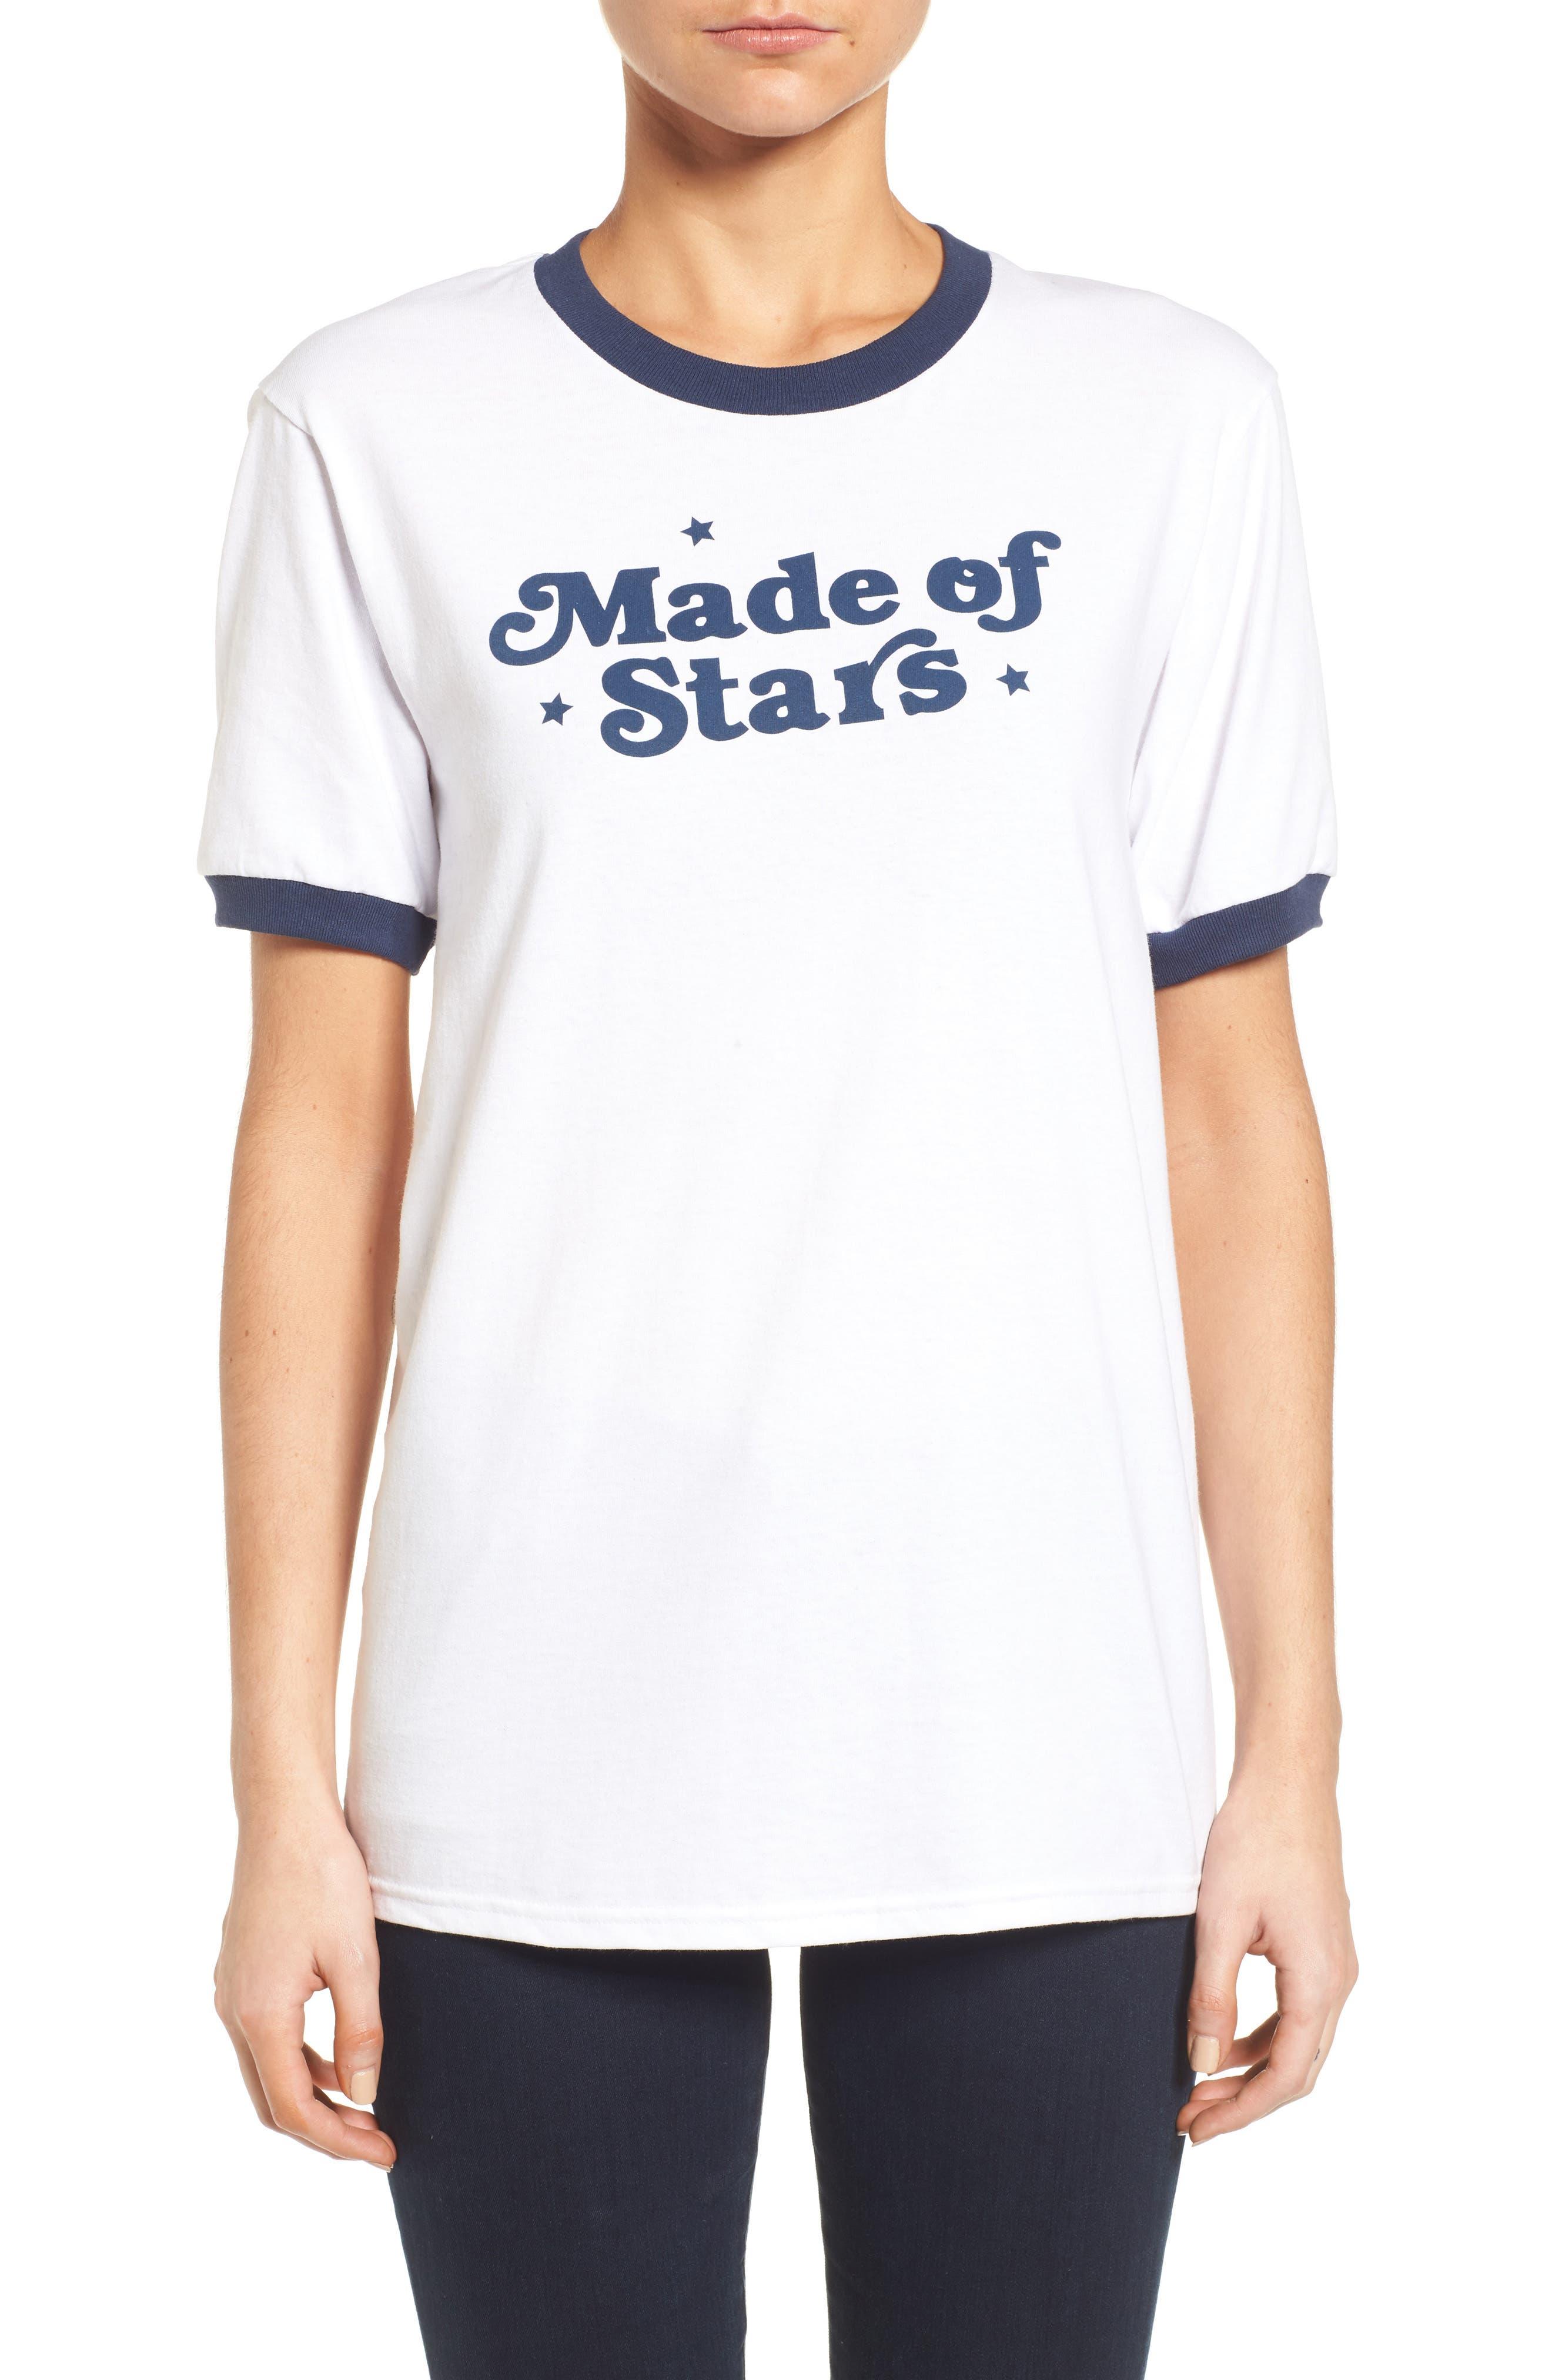 Main Image - REDWOLF Made of Stars Tee